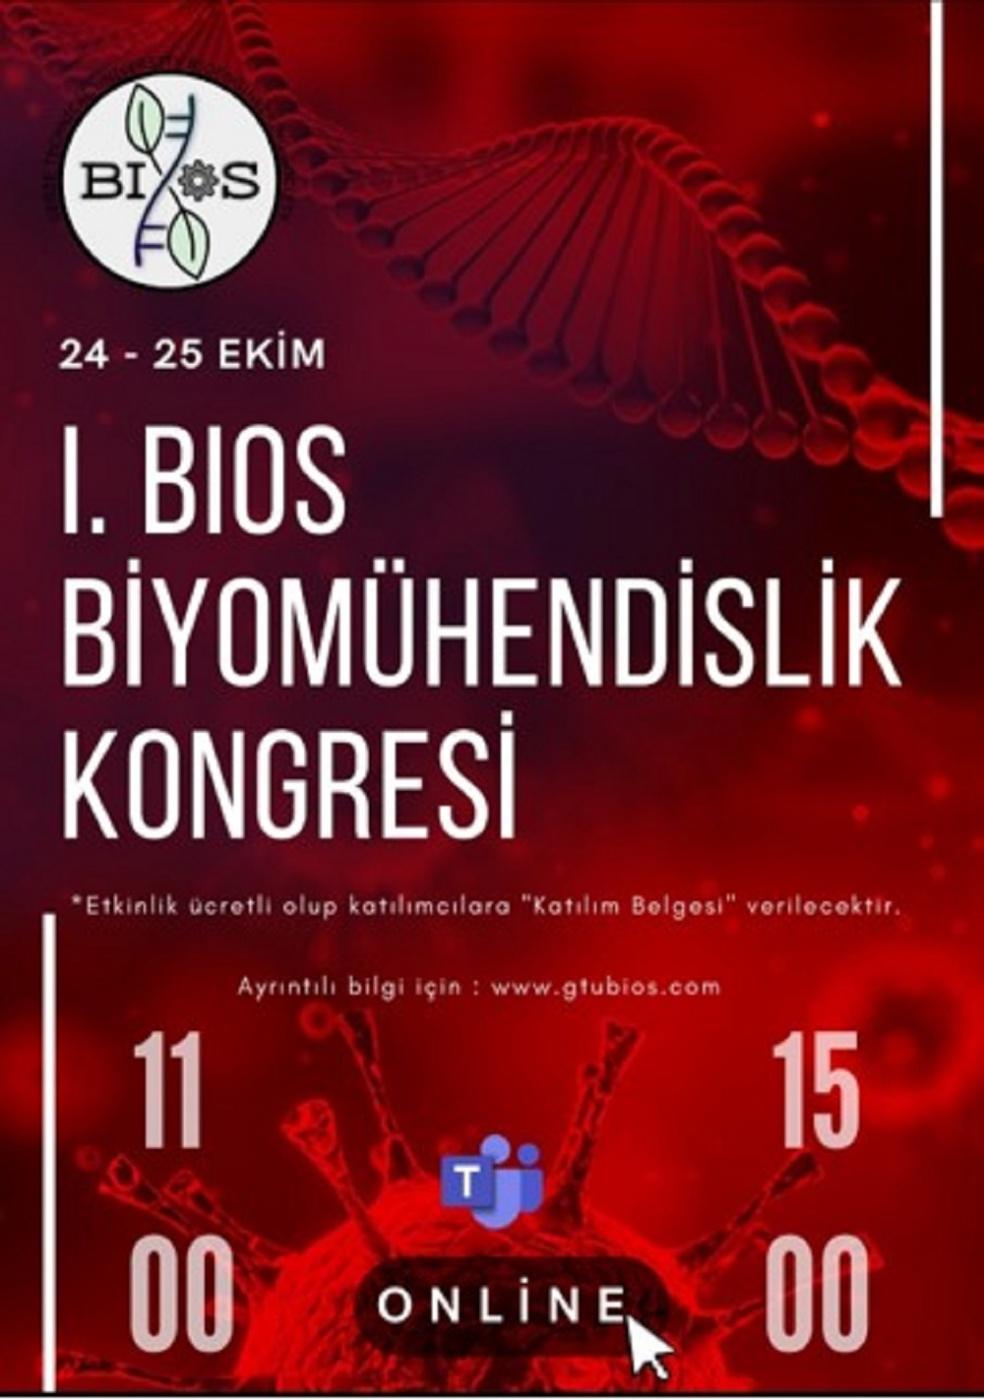 I. BIOS Biyomühendislik Kongresi